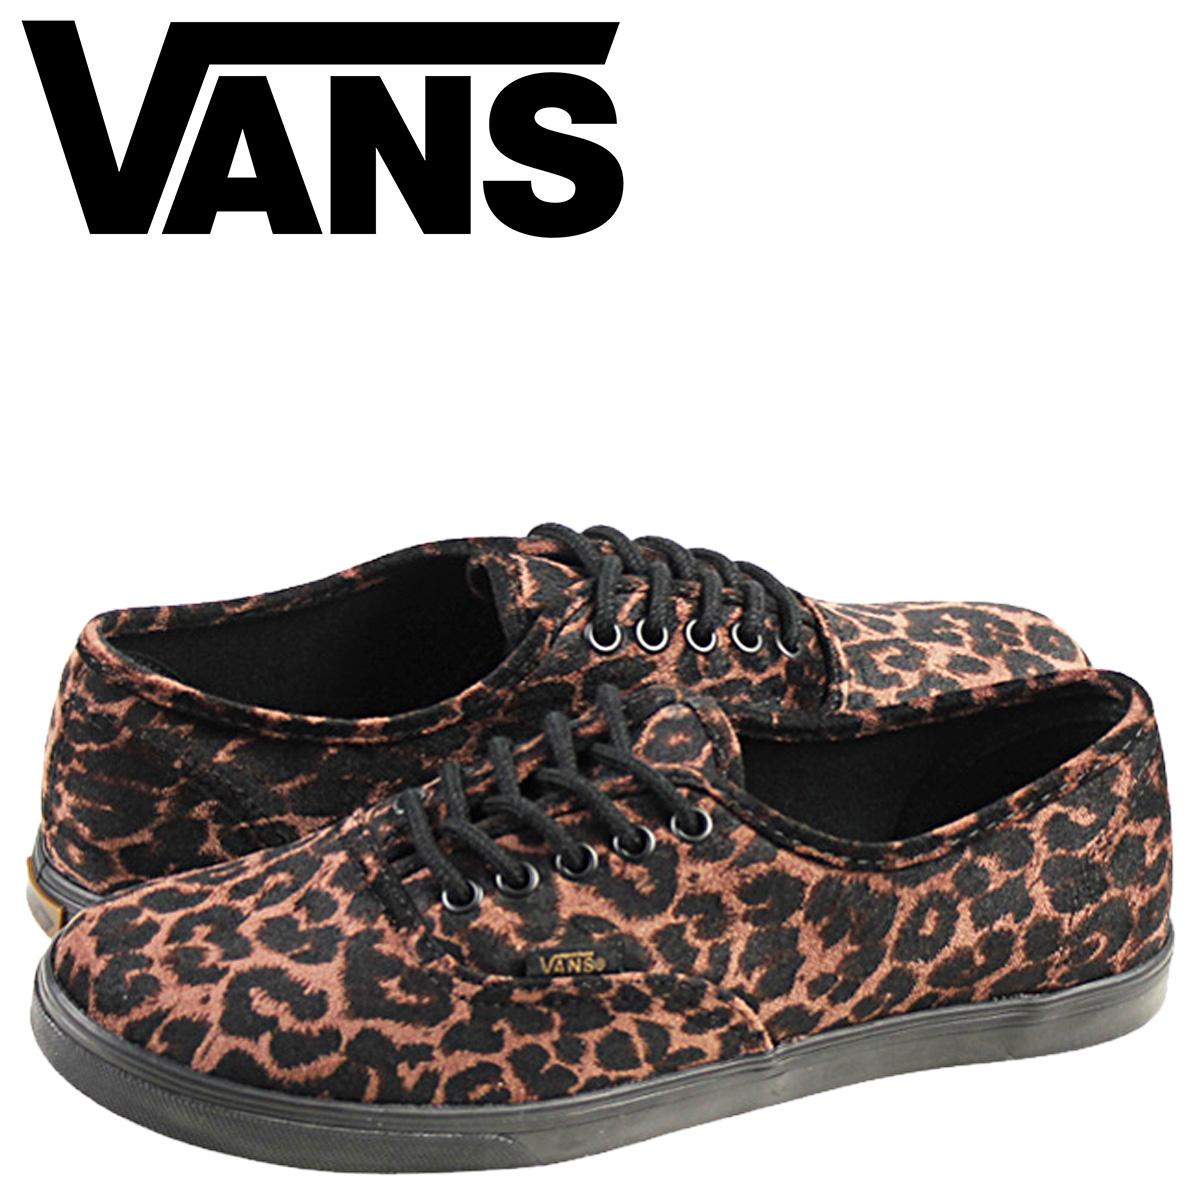 Sugar Online Shop  Vans VANS authentic sneakers Lady s AUTHENTIC LO PRO  SUEDE LEOPARD VN-0W7NEXF shoes brown  c5f8e1a39578